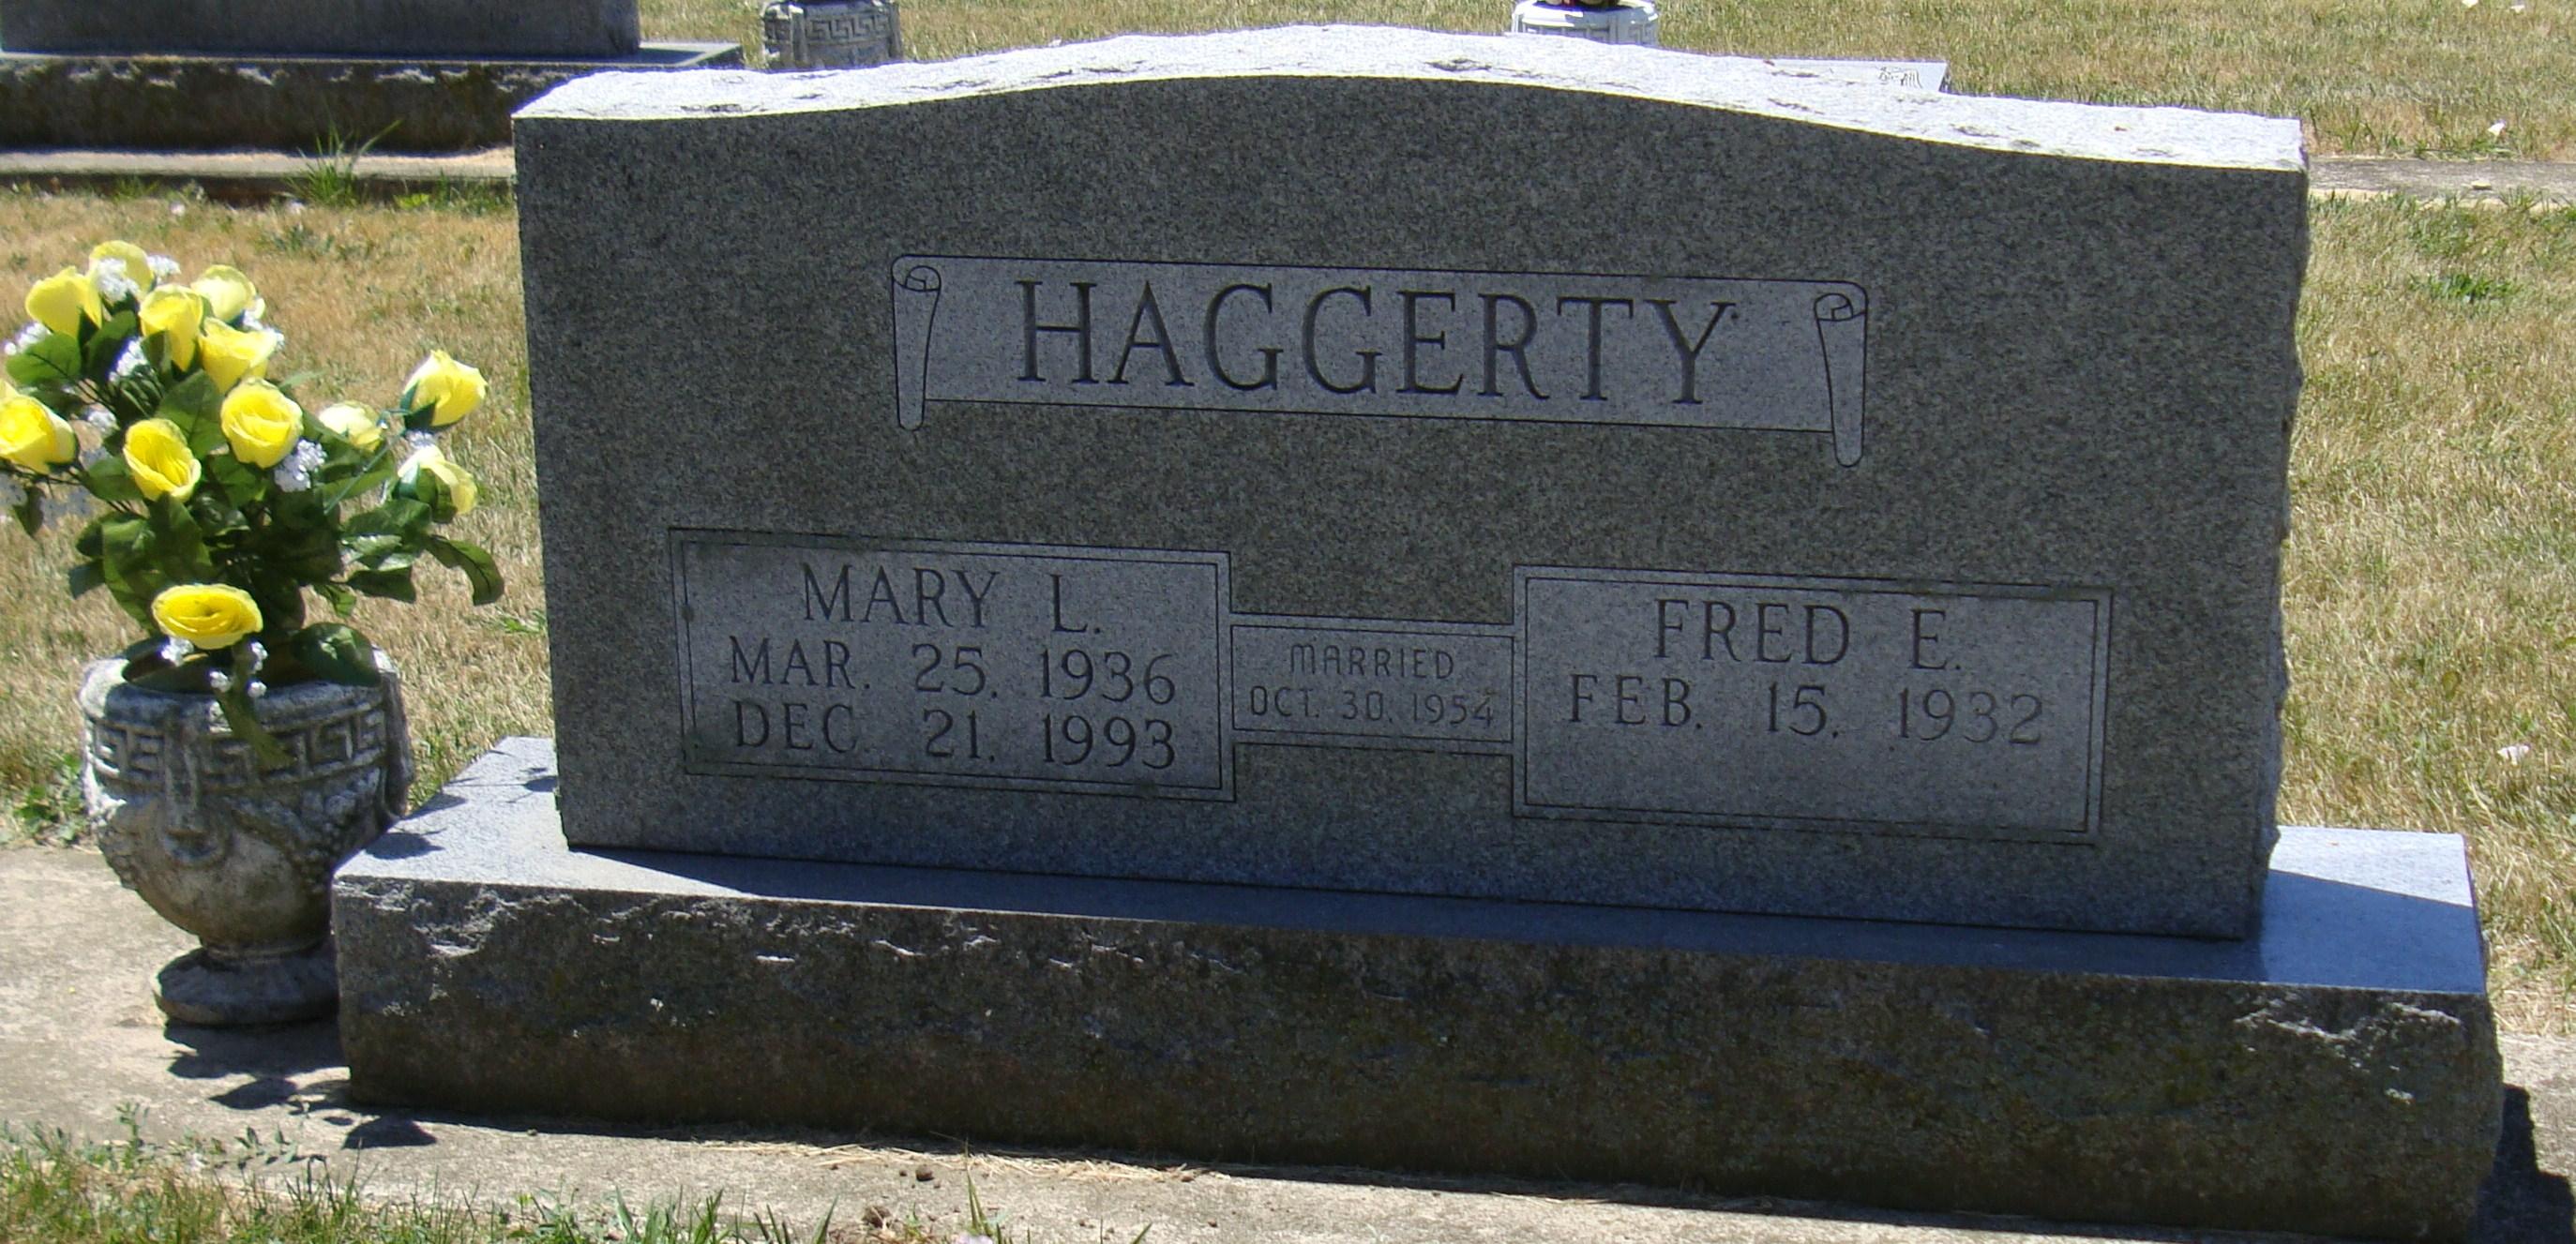 Mary L Haggerty